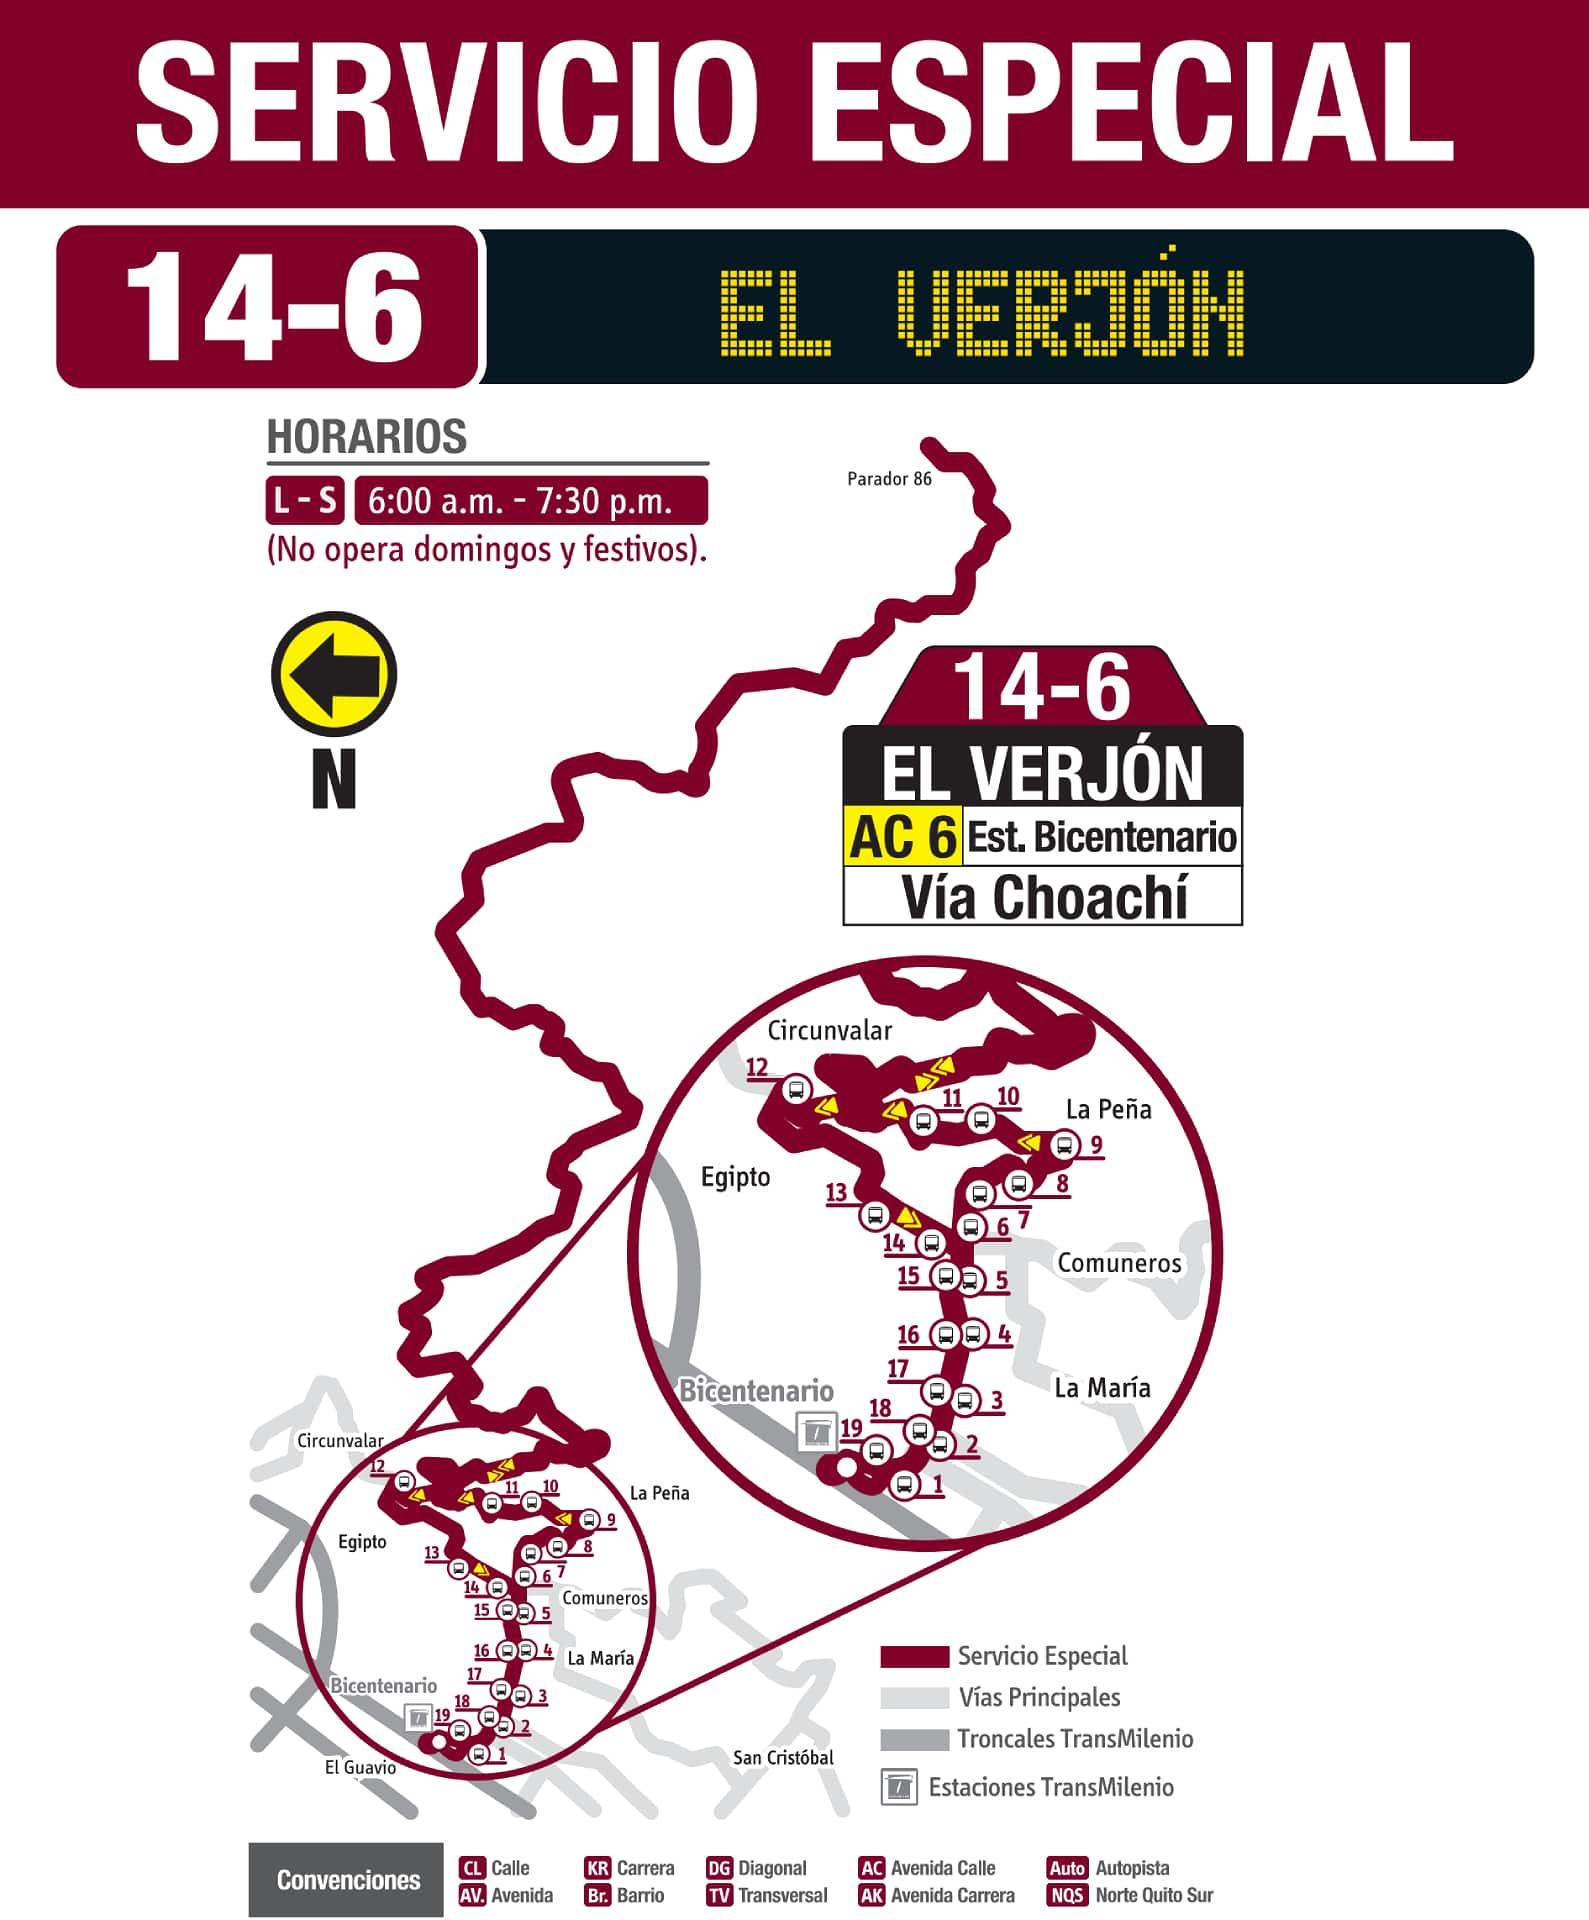 Ruta SITP 14-6 El Verjón, especial